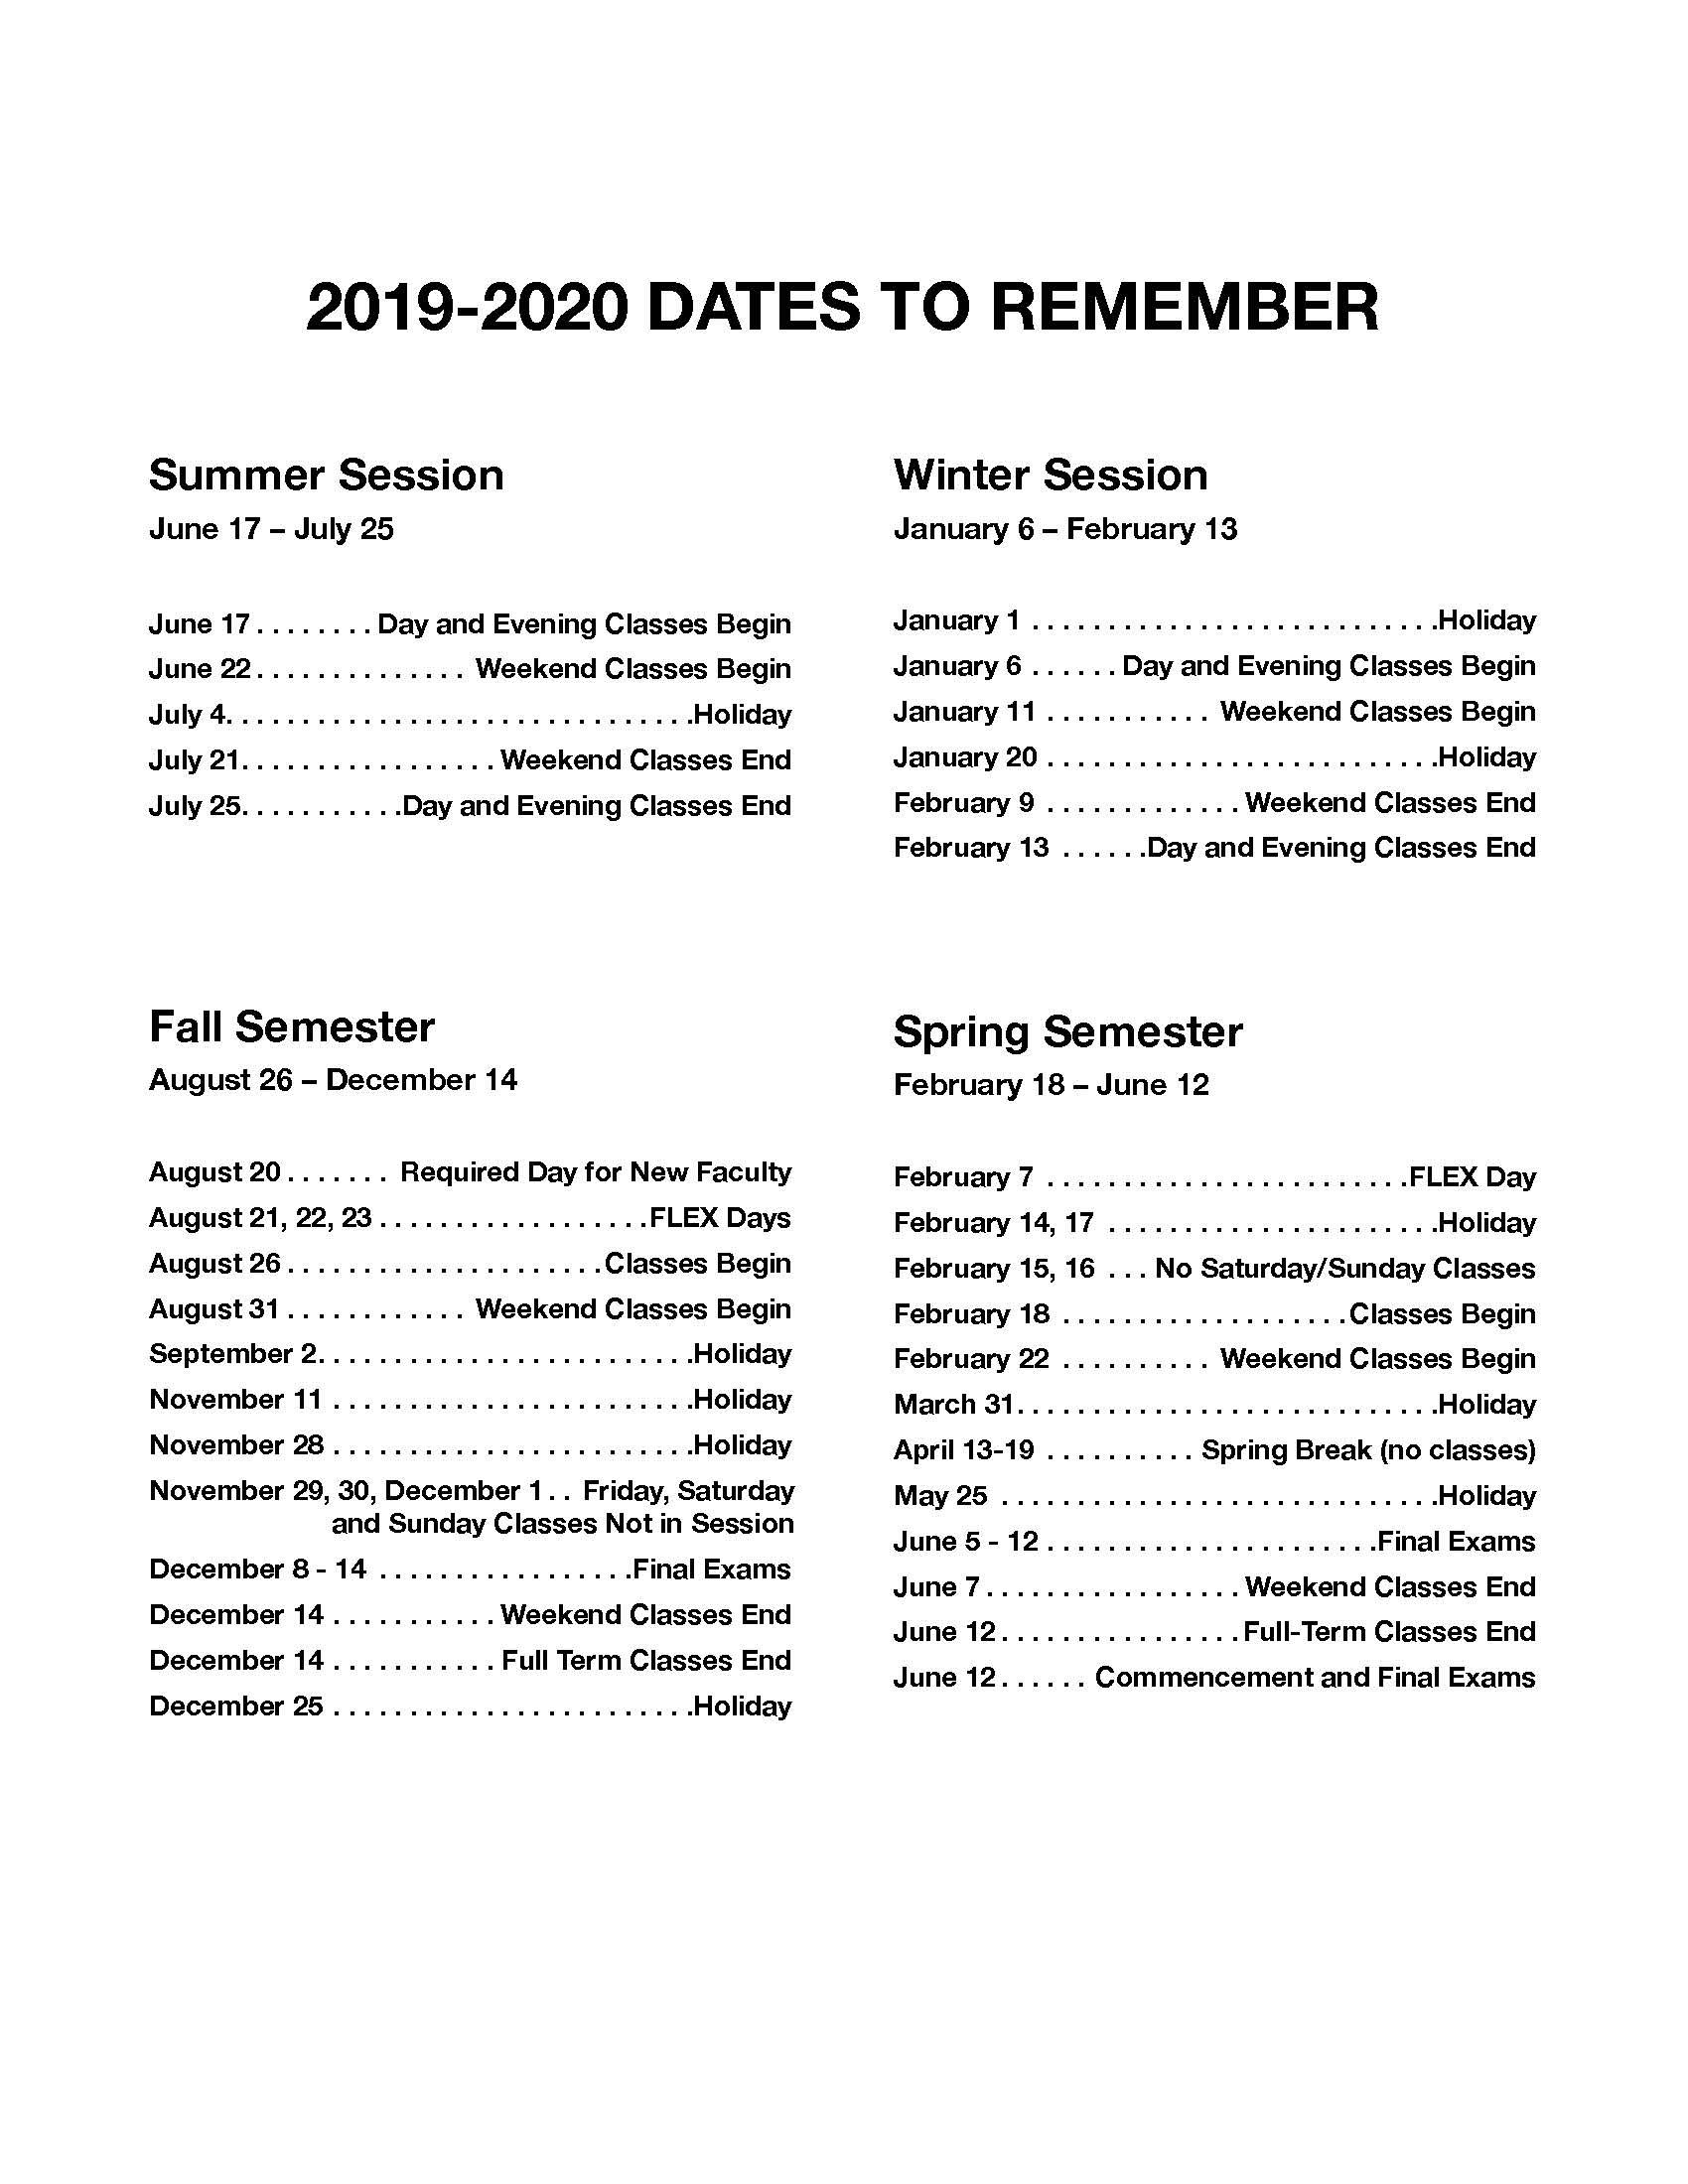 Jfk And Norco College Calendar 2019 2020 – John F. Kennedy Within Corona Norco Calendar 2020